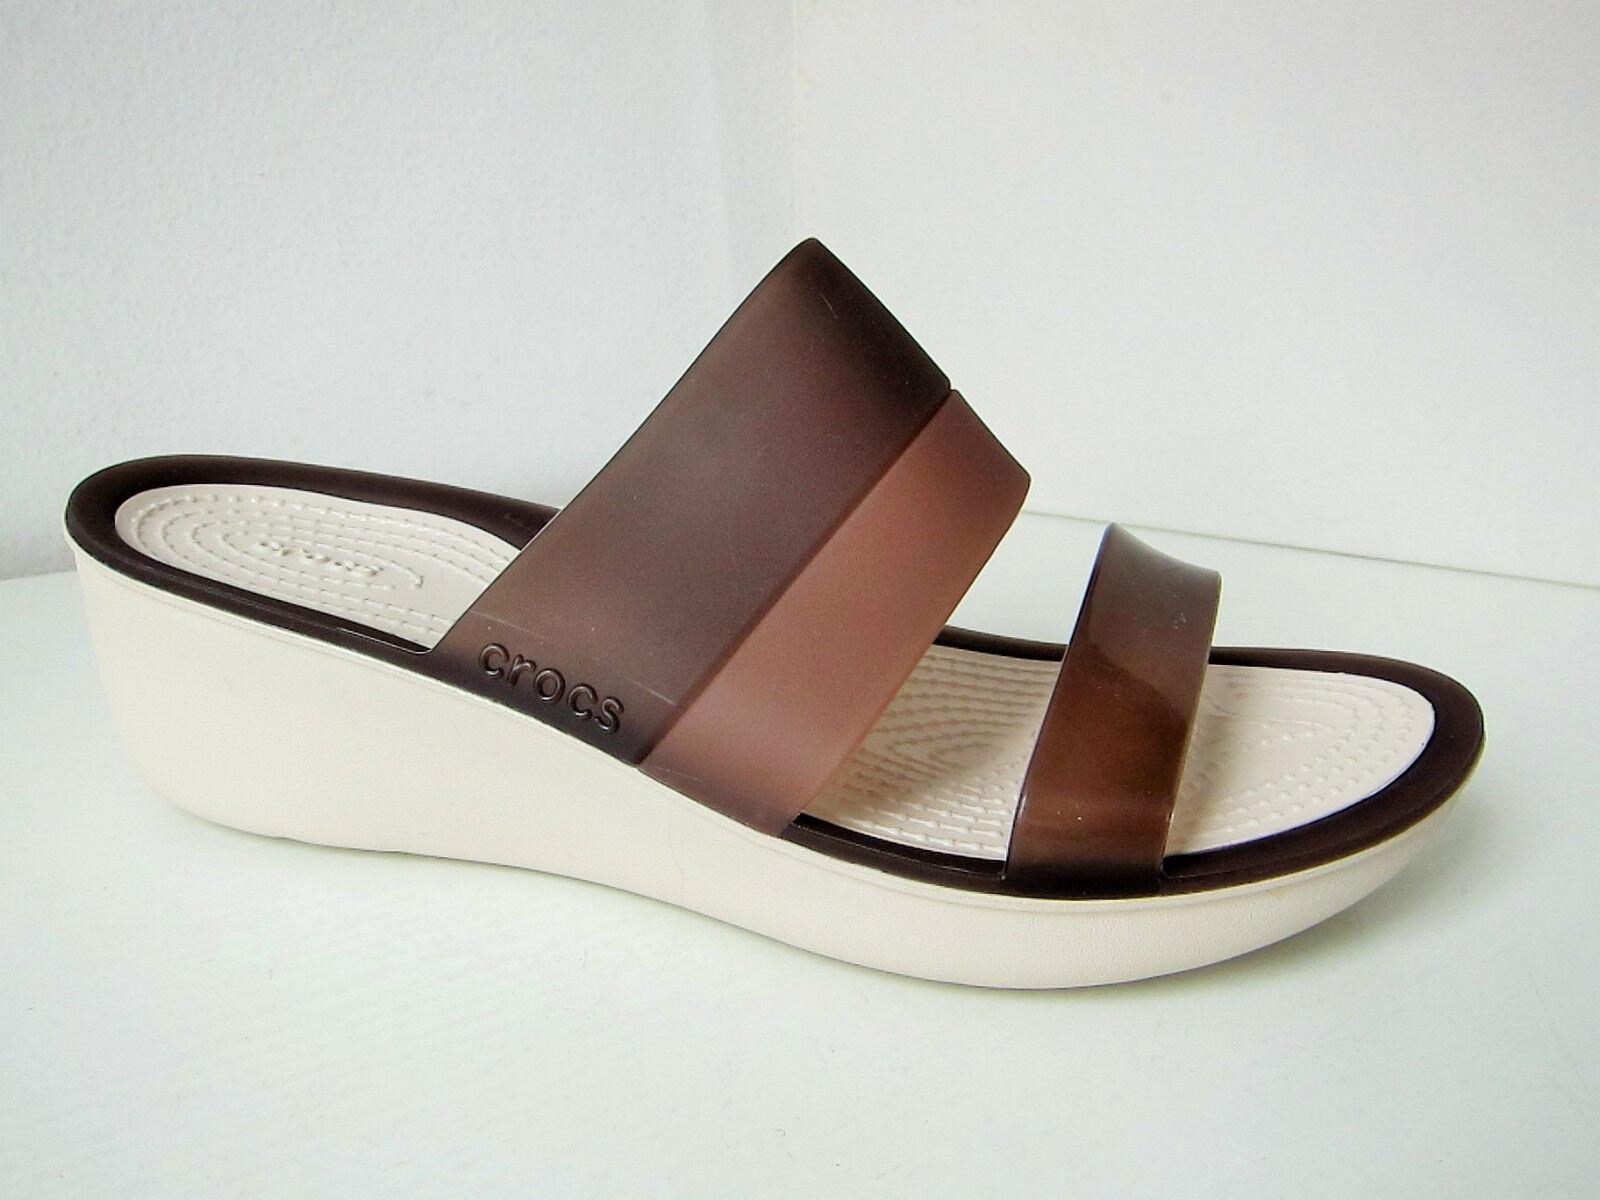 Crocs Couleurblock Wedge Sandale marron beige W 6 - 36 37  sandals chaussures marron